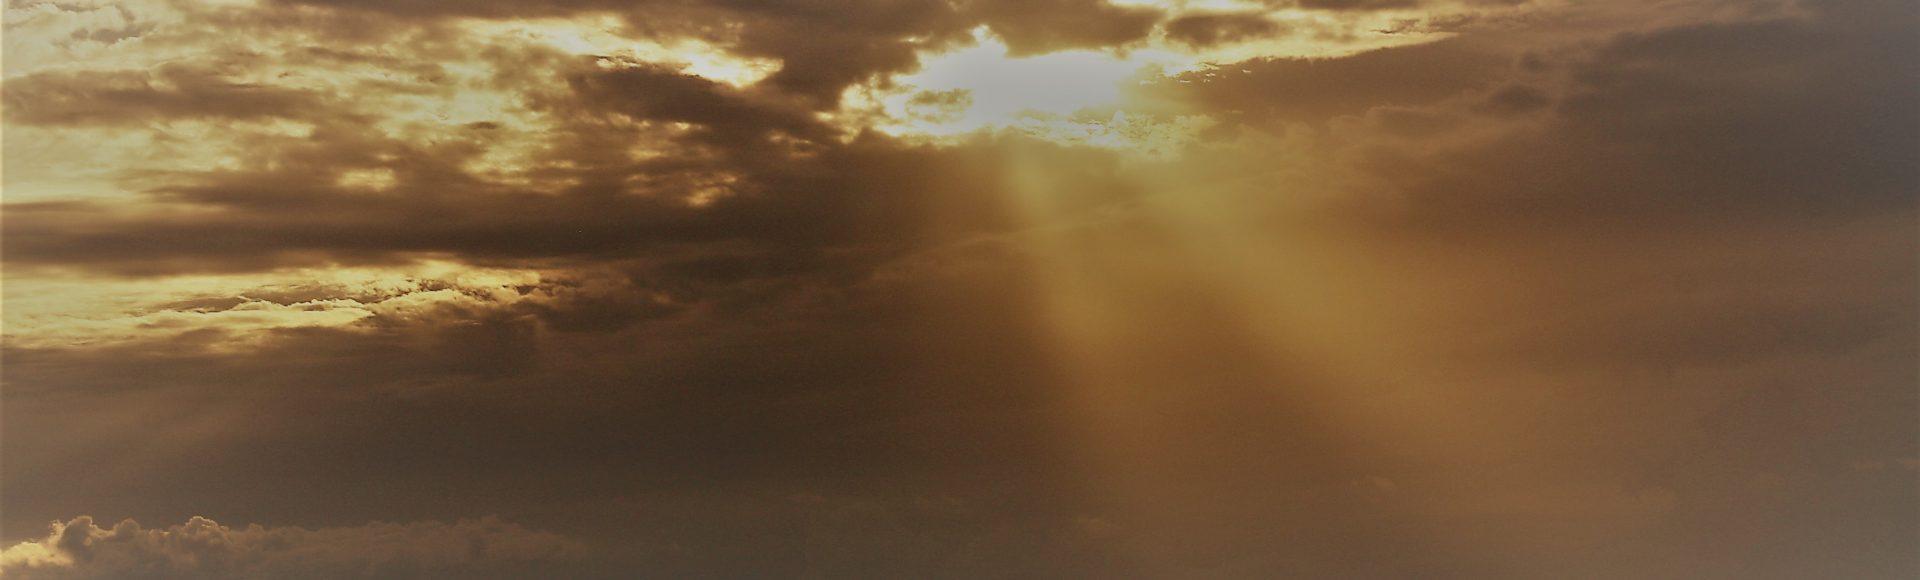 Er du til nyheder fra himlen?